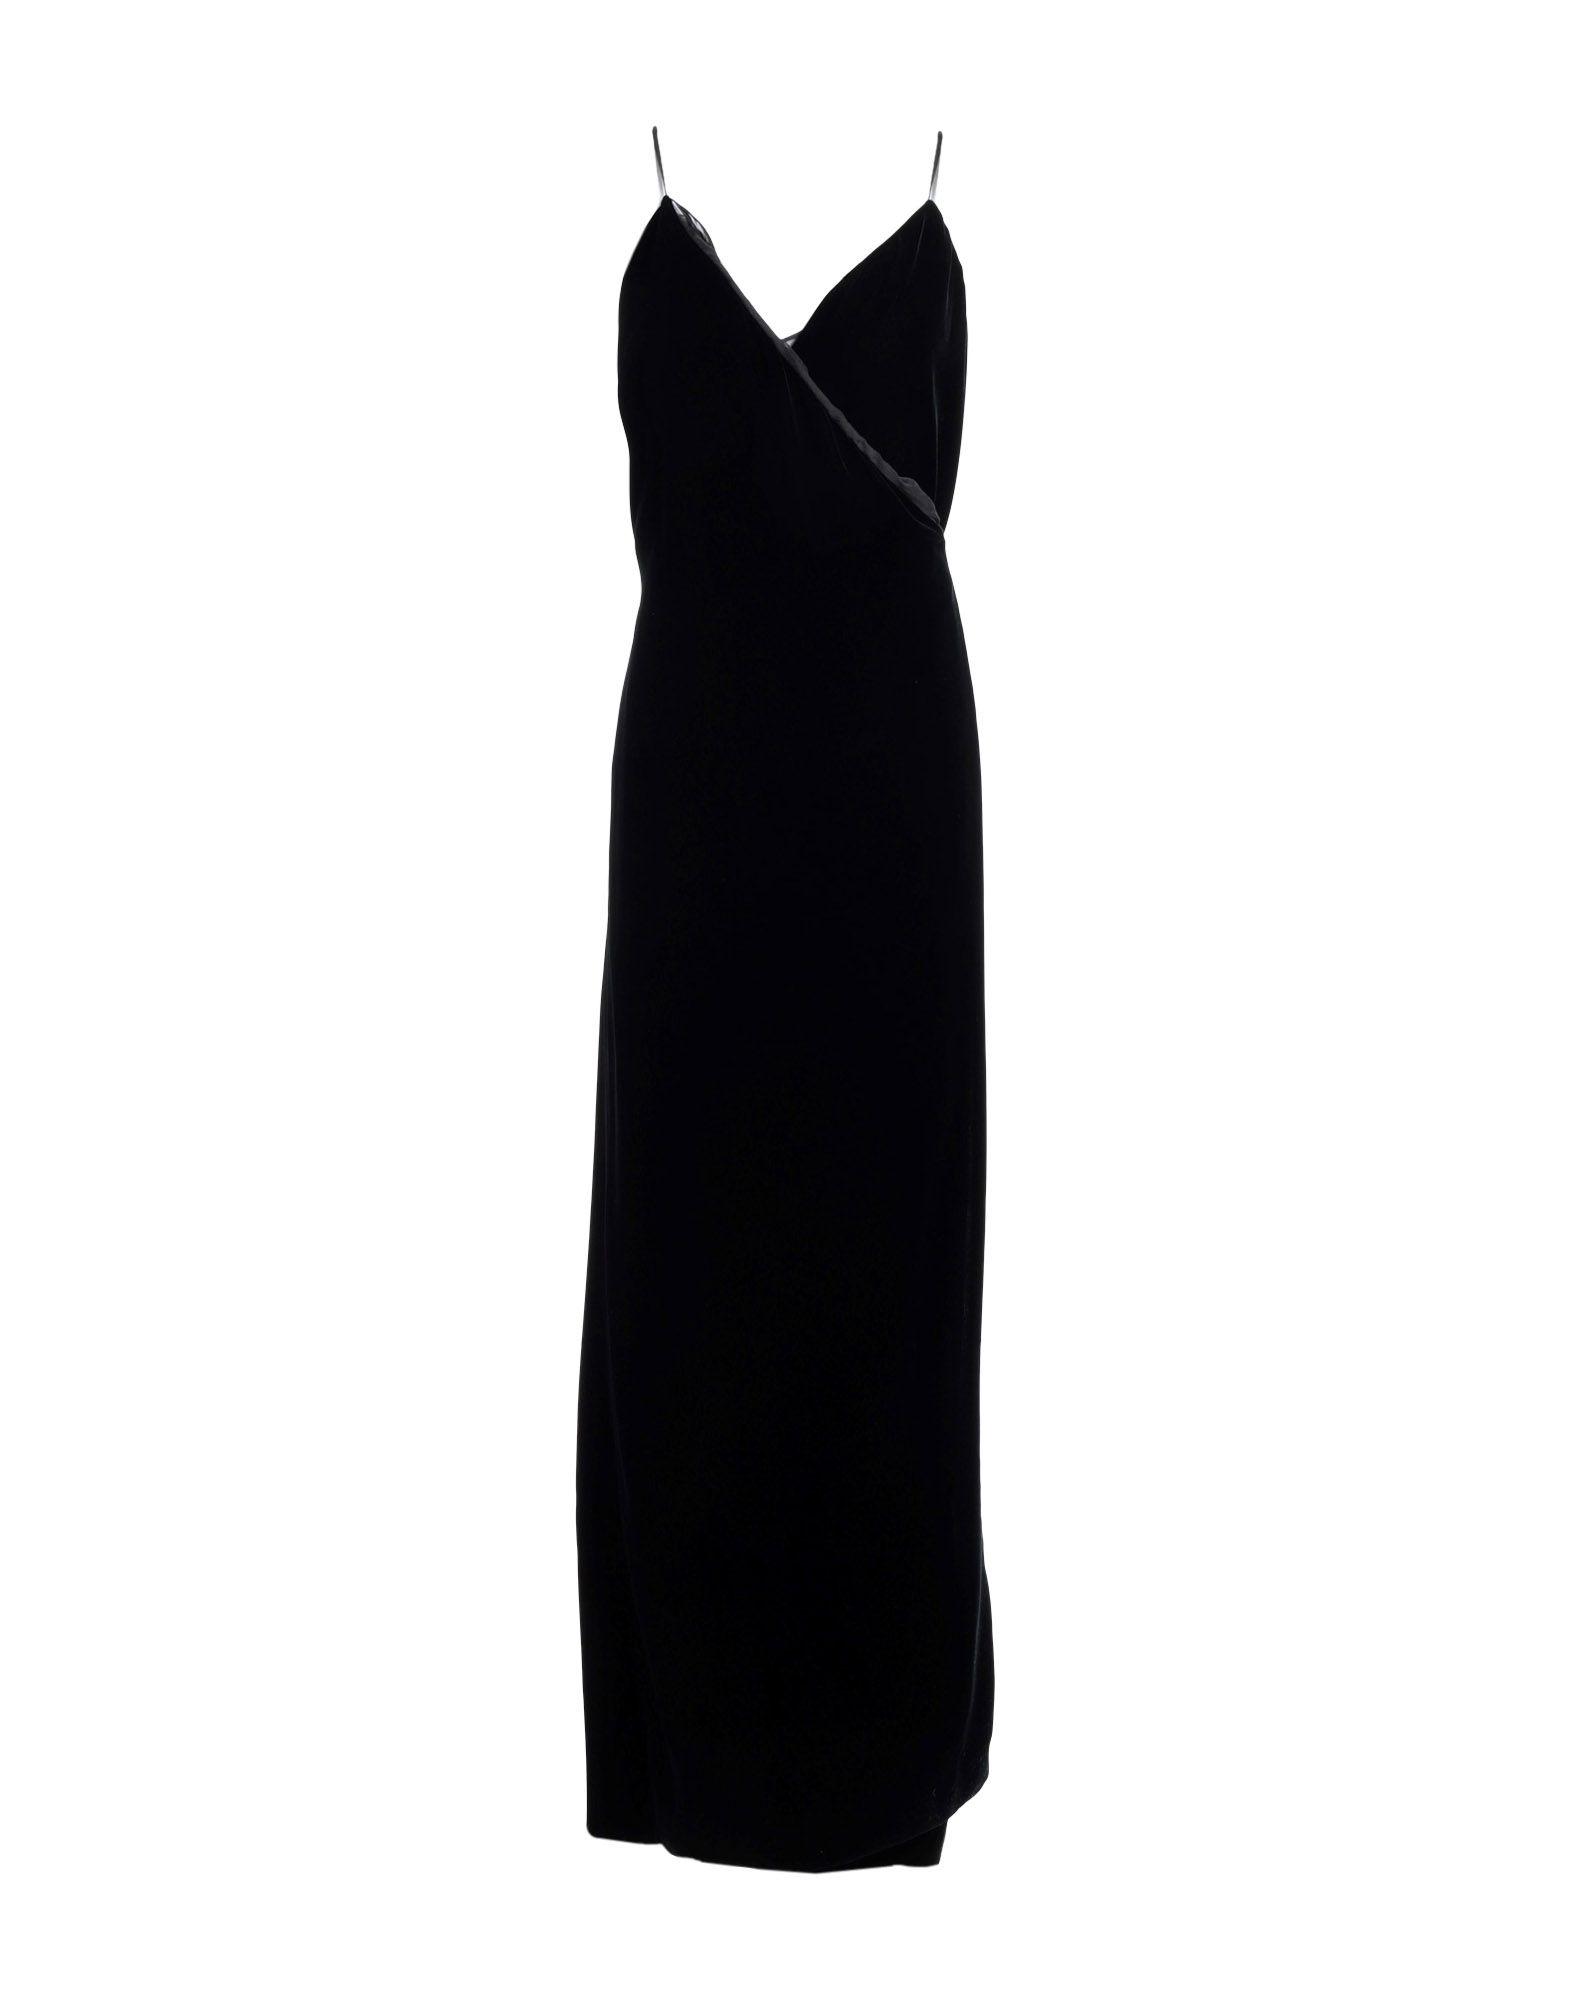 Фото - JEAN PAUL GAULTIER FEMME Длинное платье jean paul gaultier le male